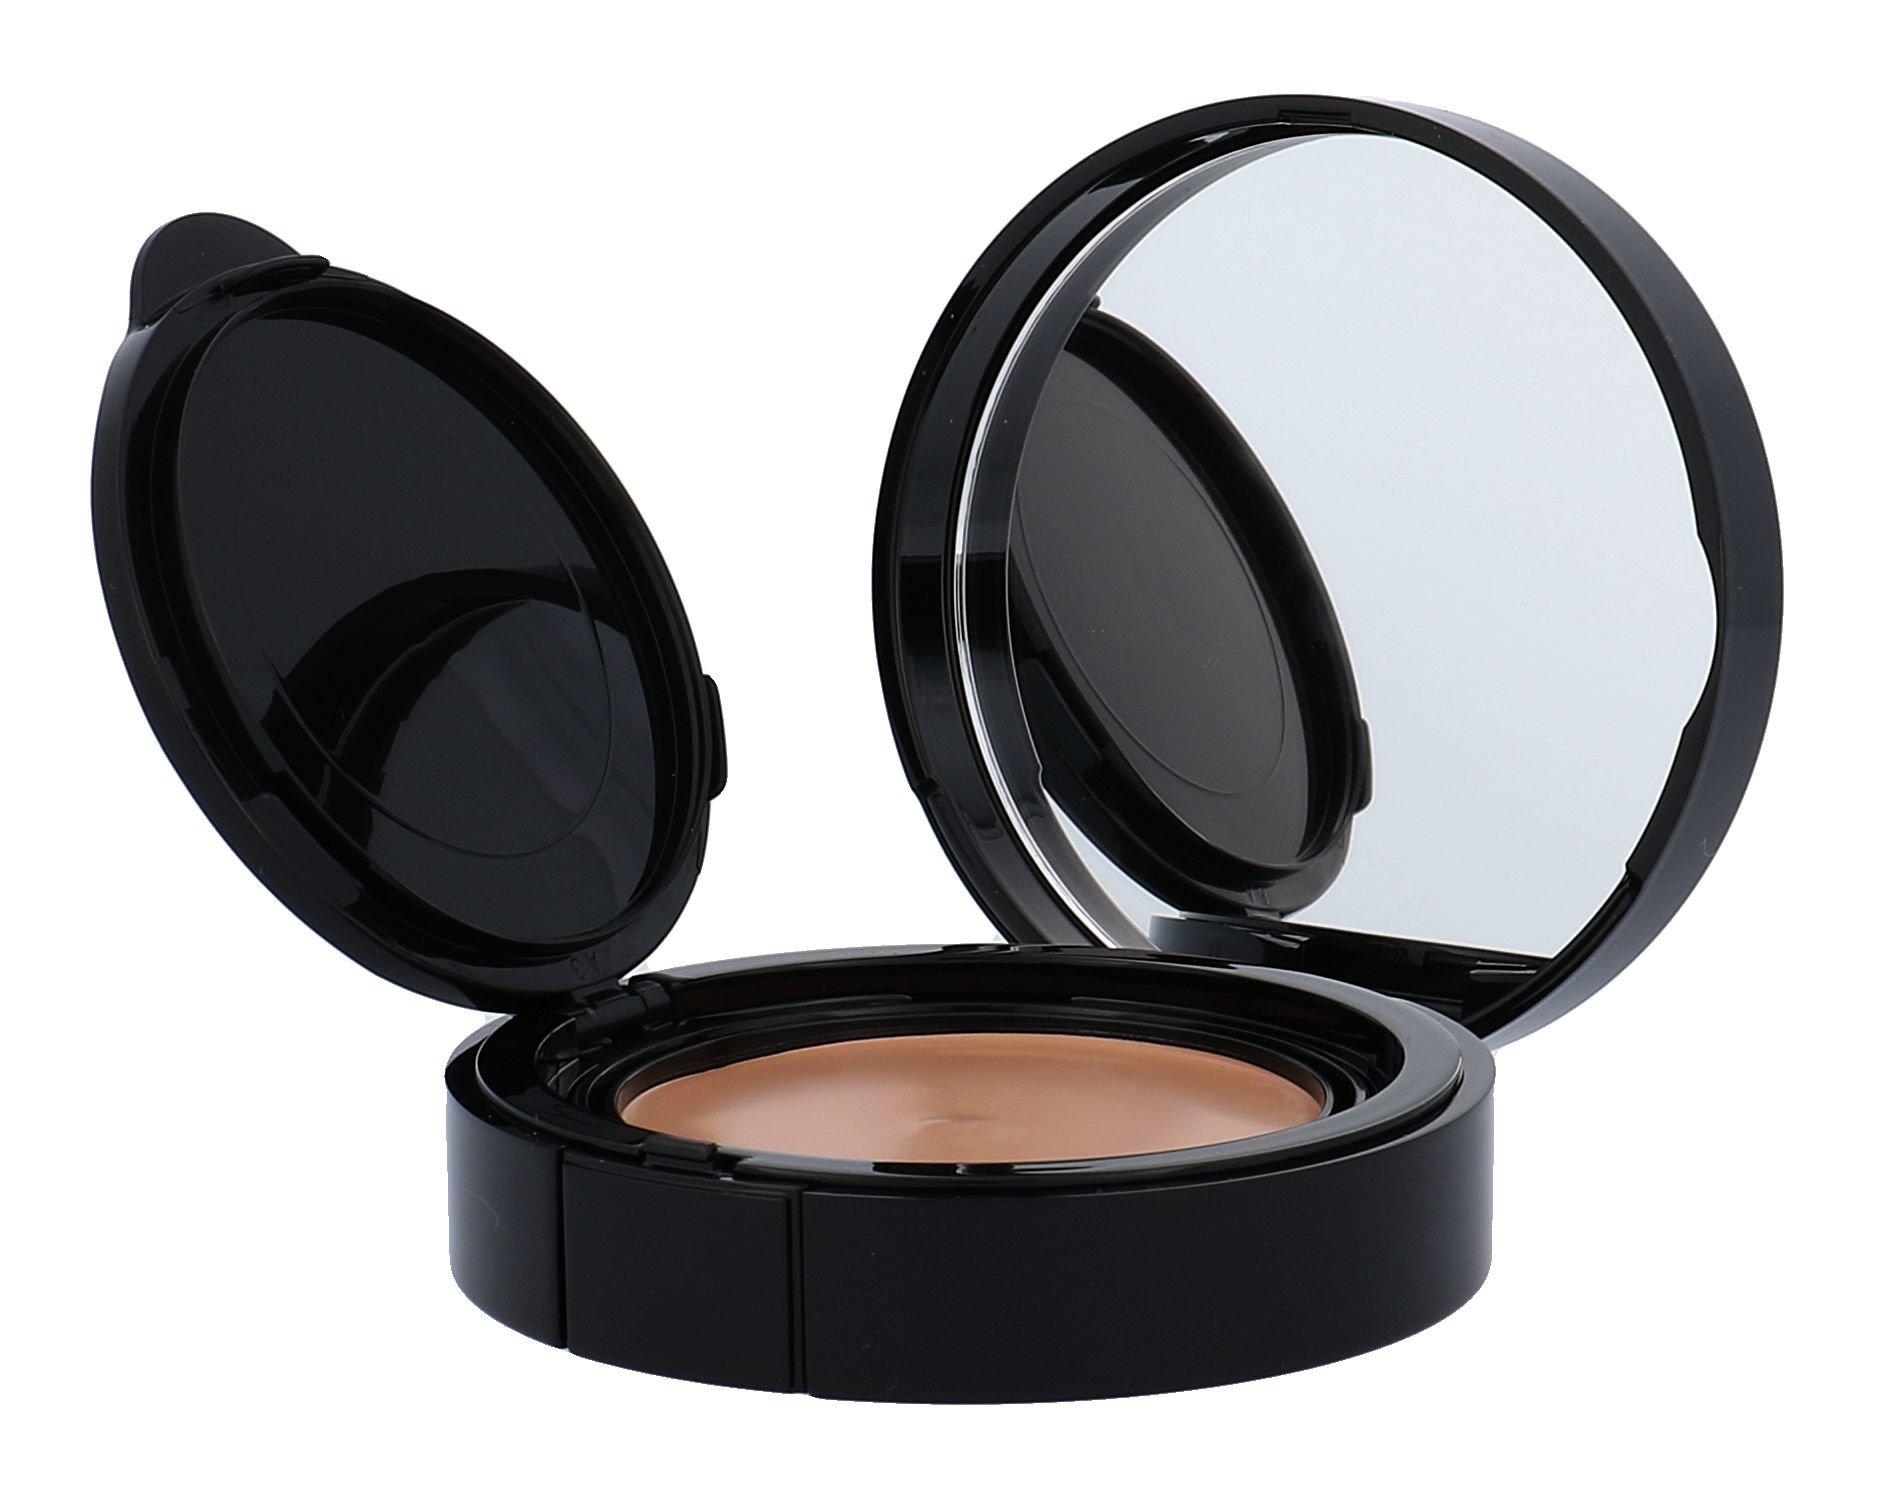 Chanel Vitalumiere Aqua Cosmetic 12ml 42 Beige Rosé Cream Compact SPF15